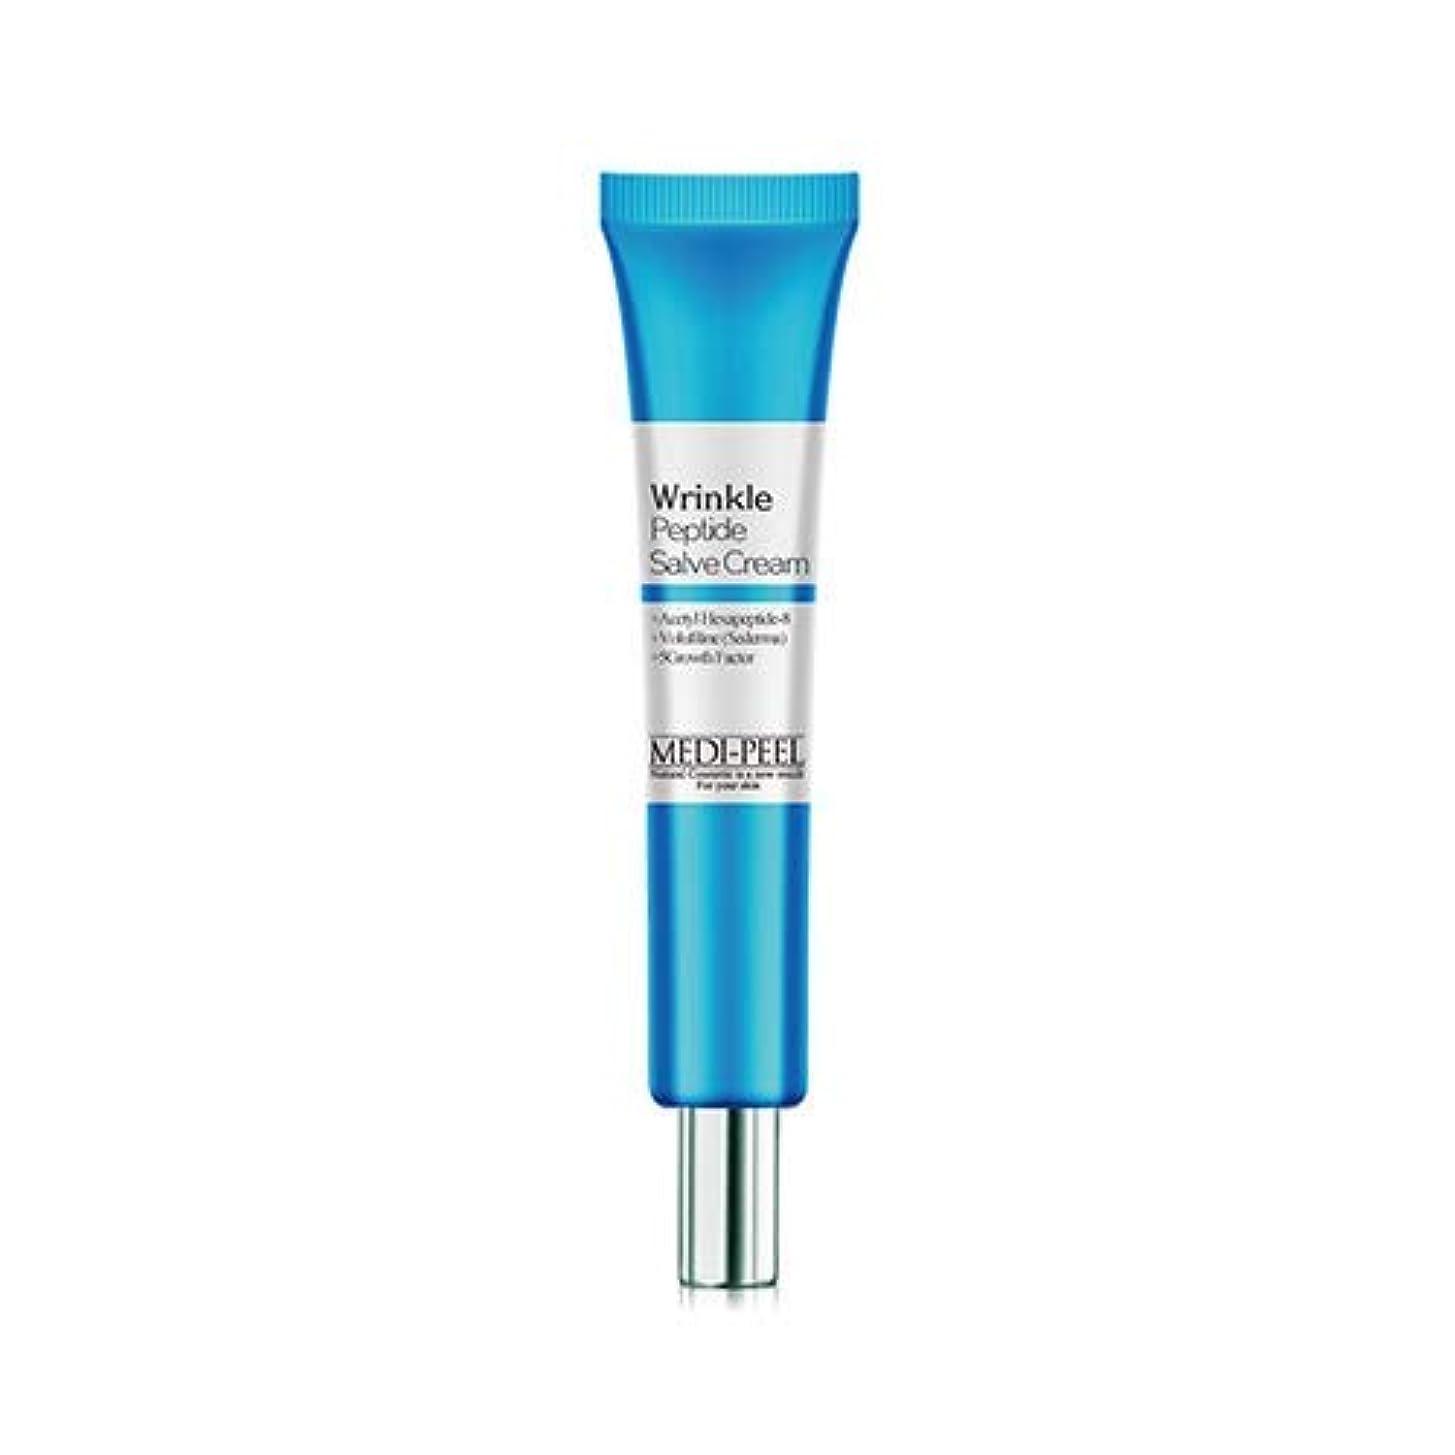 軽減開梱ティッシュメディピール リンクルペプチドクリーム/MEDI-PEEL Wrinkle Peptide Cream 40ml [並行輸入品]